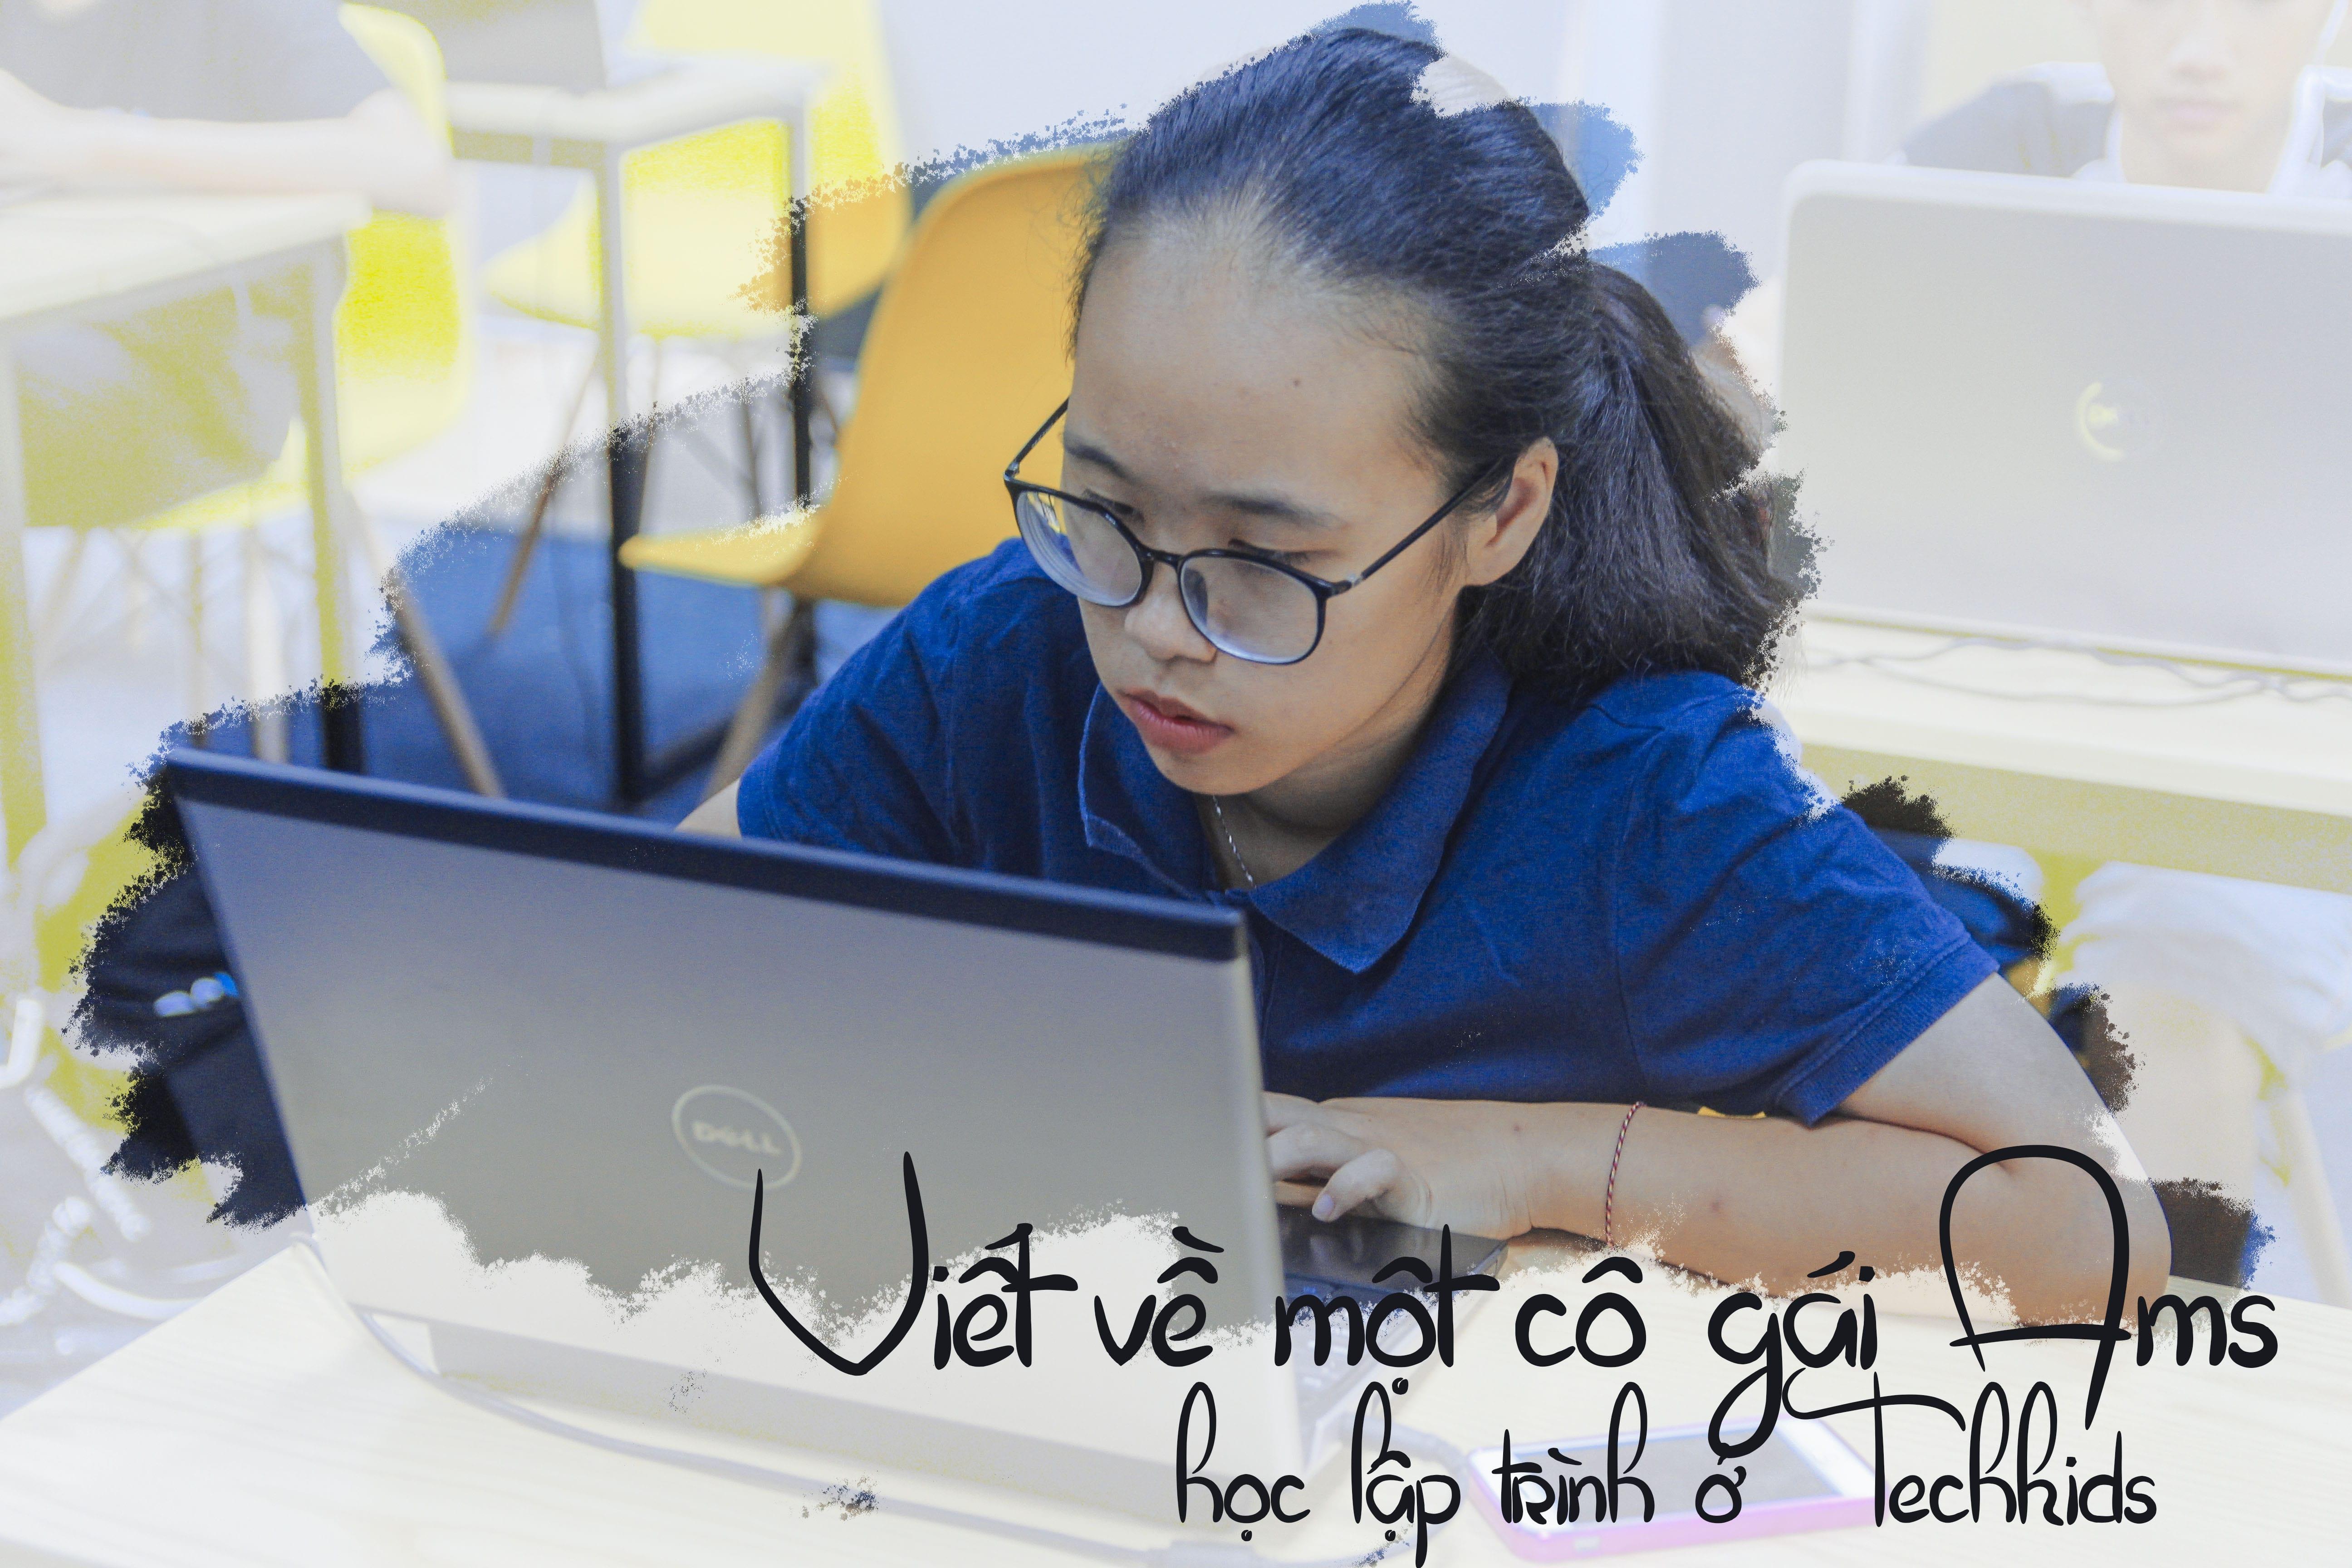 Cô bé chuyên toán Ams đi học lập trình